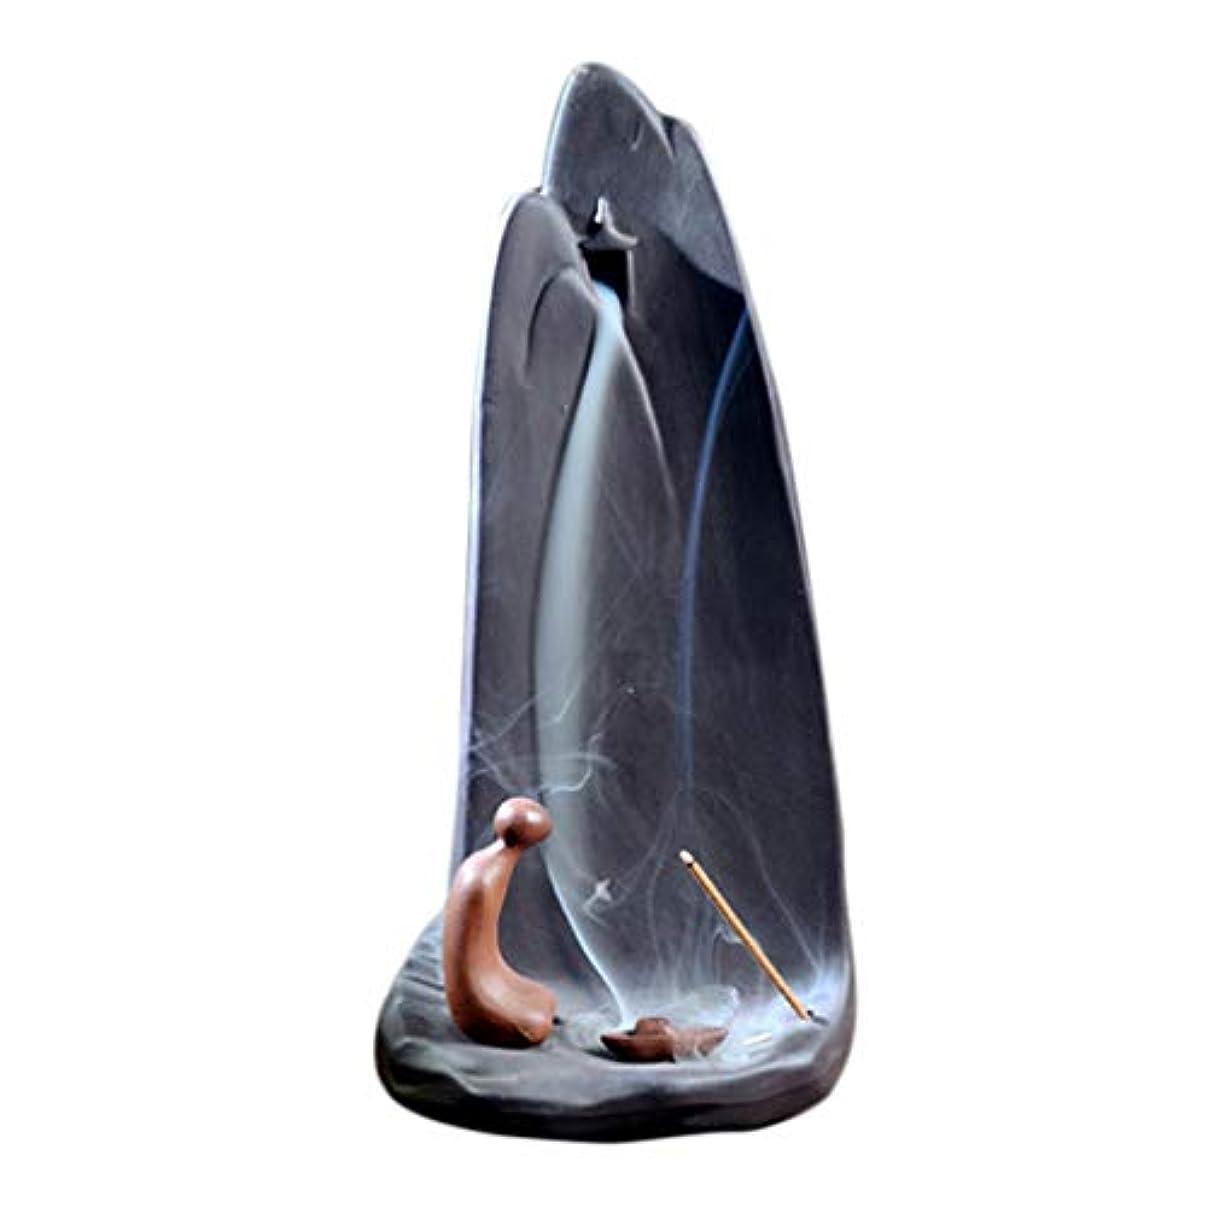 ガスオリエント深いホームアロマバーナー 実用的なブティッククリエイティブ山香バーナー香炉セラミック逆流香コーンスティックホルダー仏教寺院 芳香器アロマバーナー (Color : A)